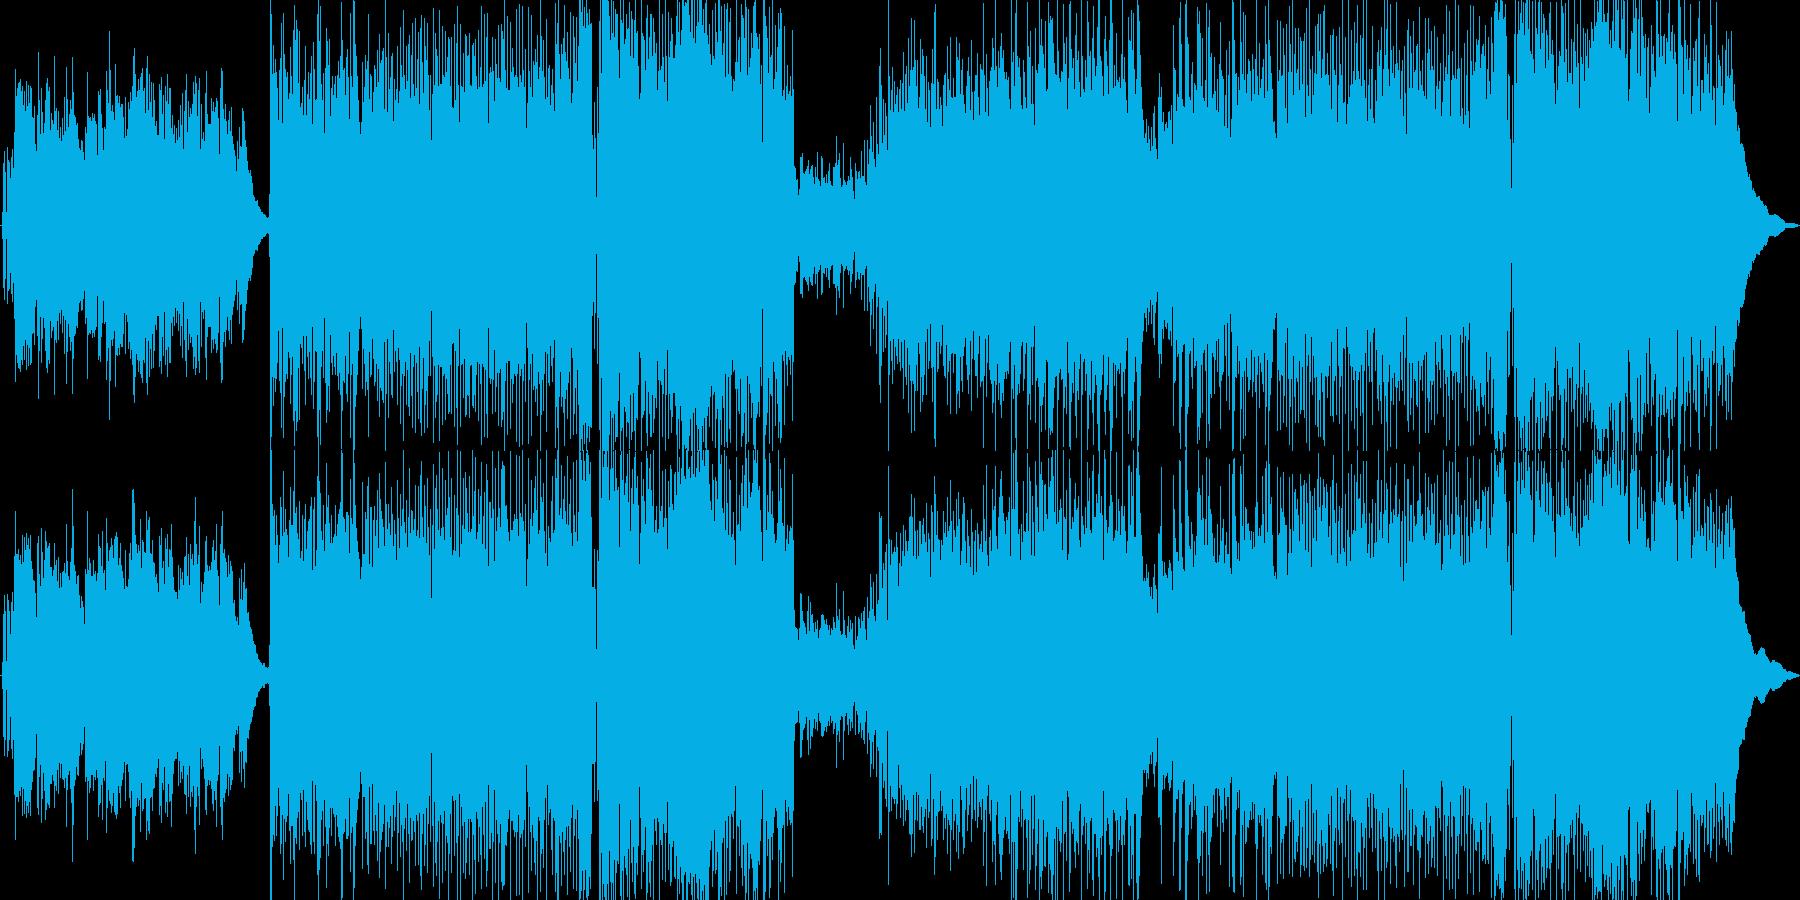 切なく緊張感のあるロックの再生済みの波形